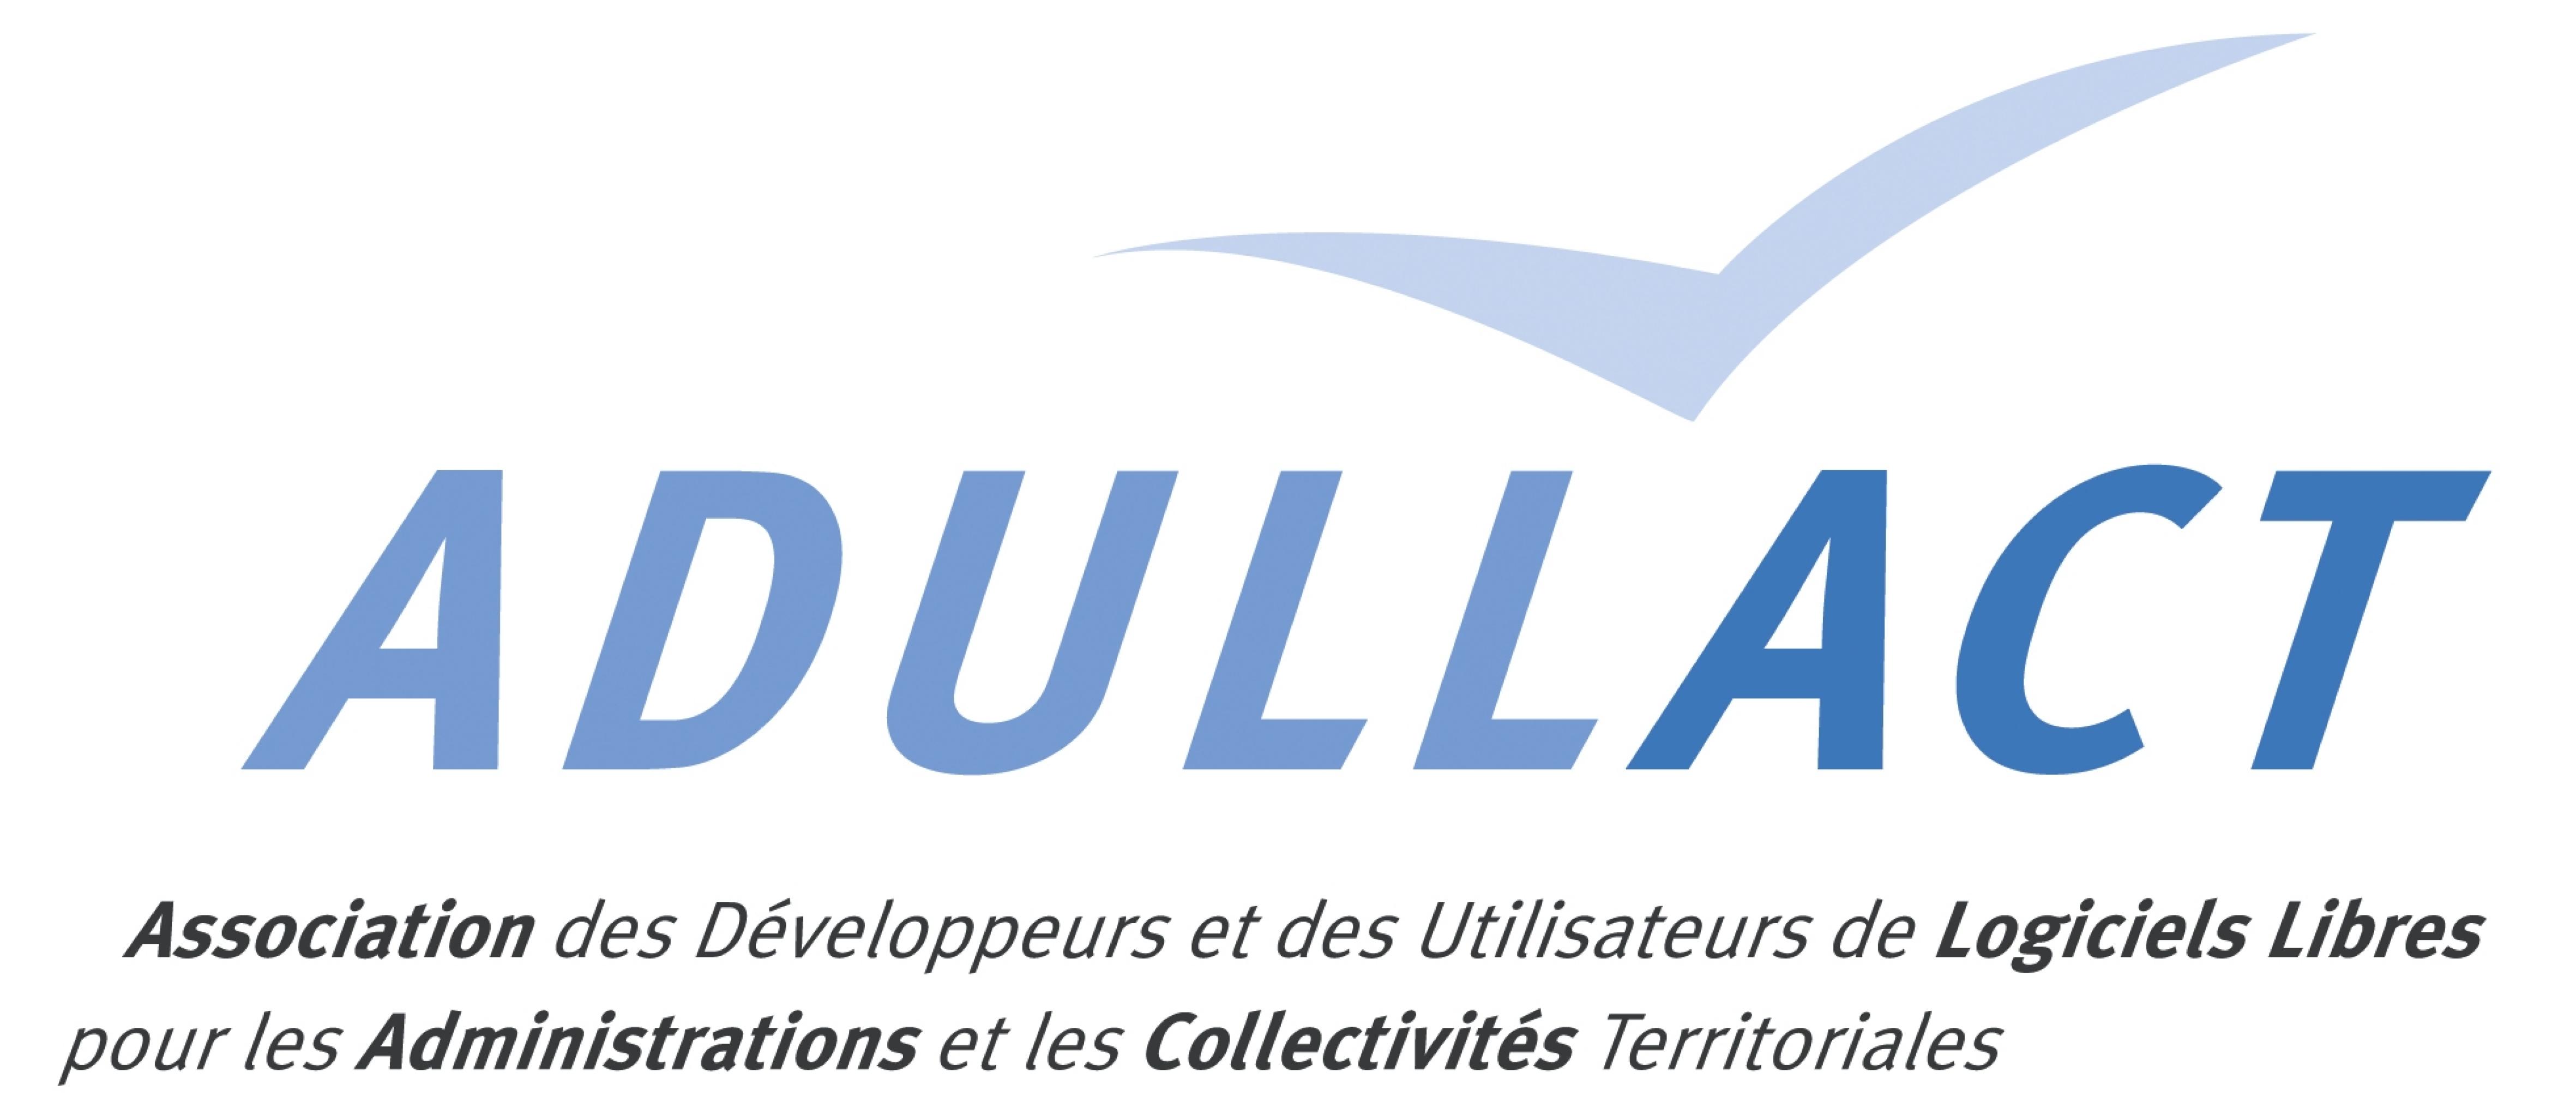 """Résultat de recherche d'images pour """"logo ADULLACT"""""""